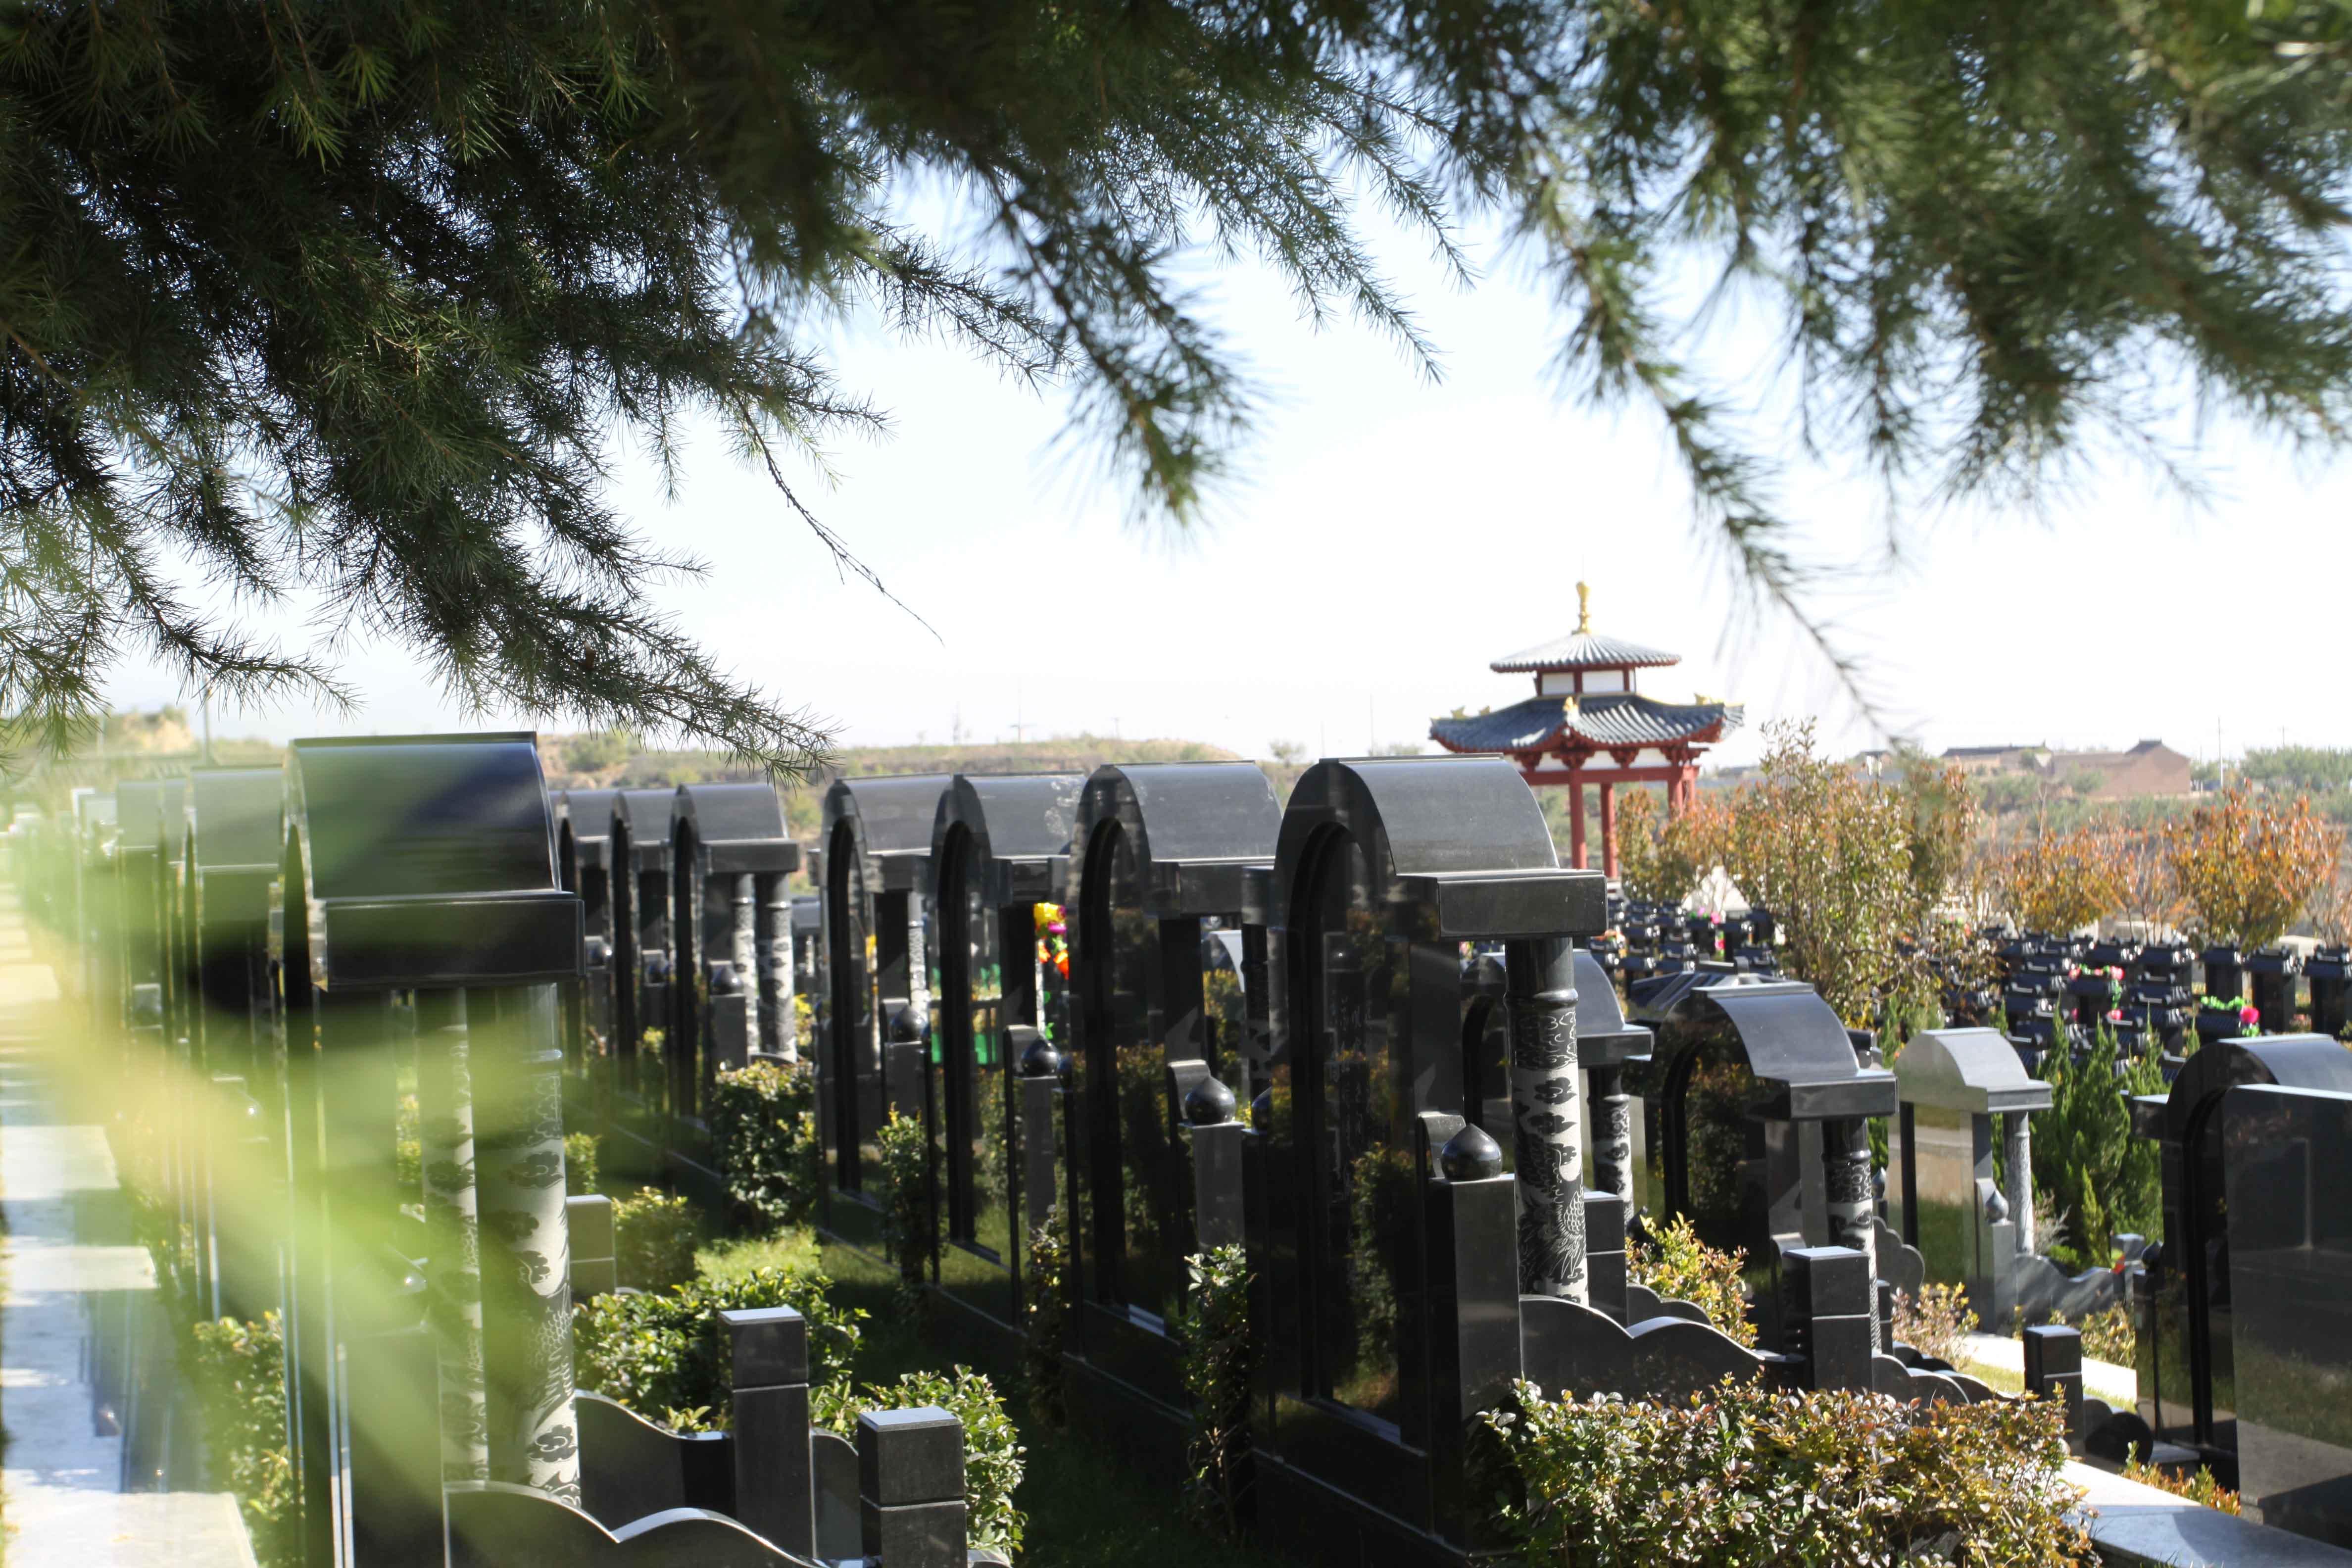 西安市周边墓园设计中绿化植被的注意事项